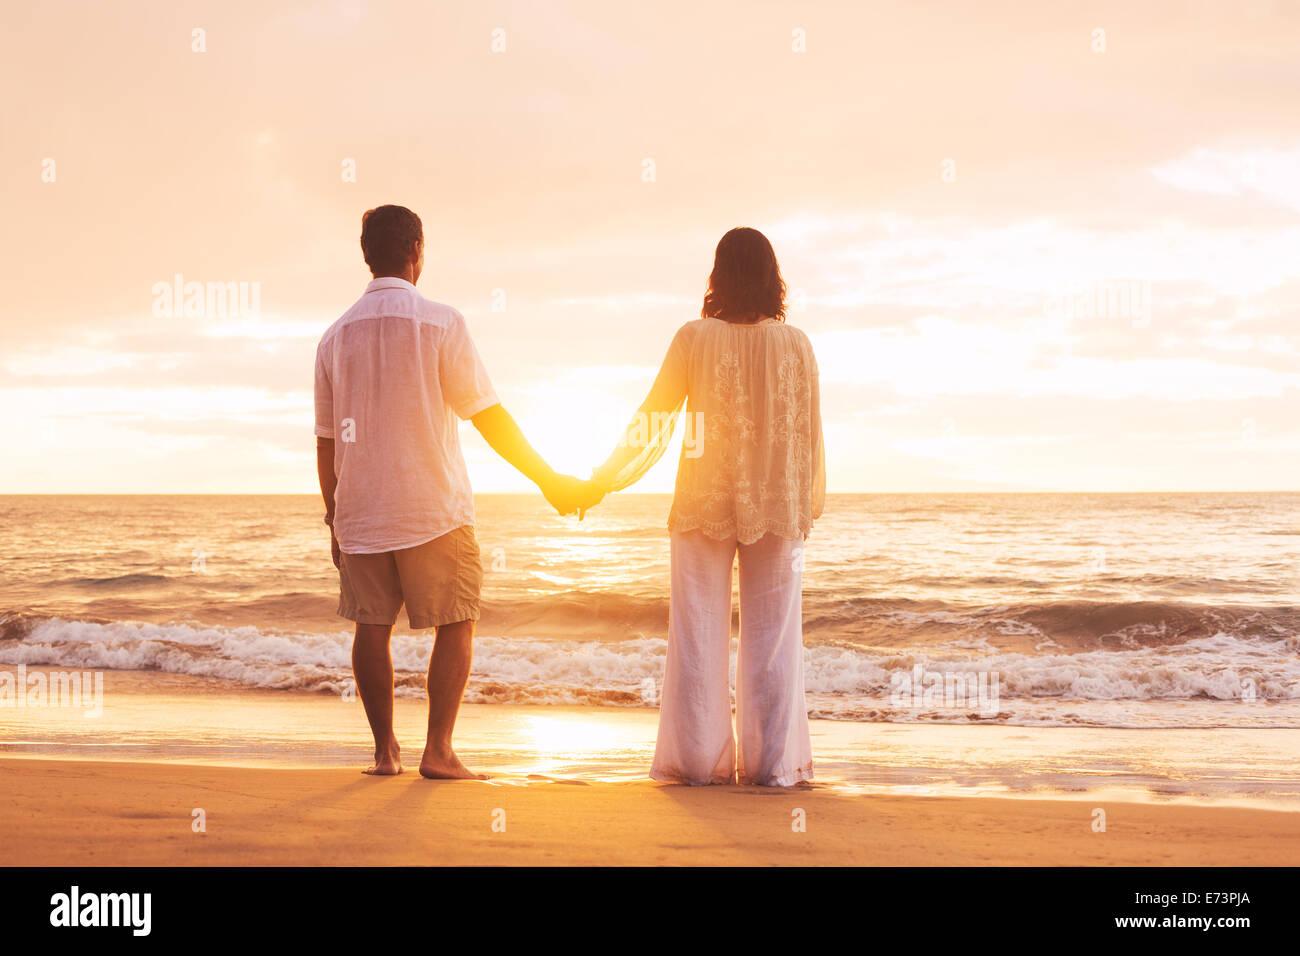 Romantico Coppia Matura godersi il tramonto sulla spiaggia Immagini Stock